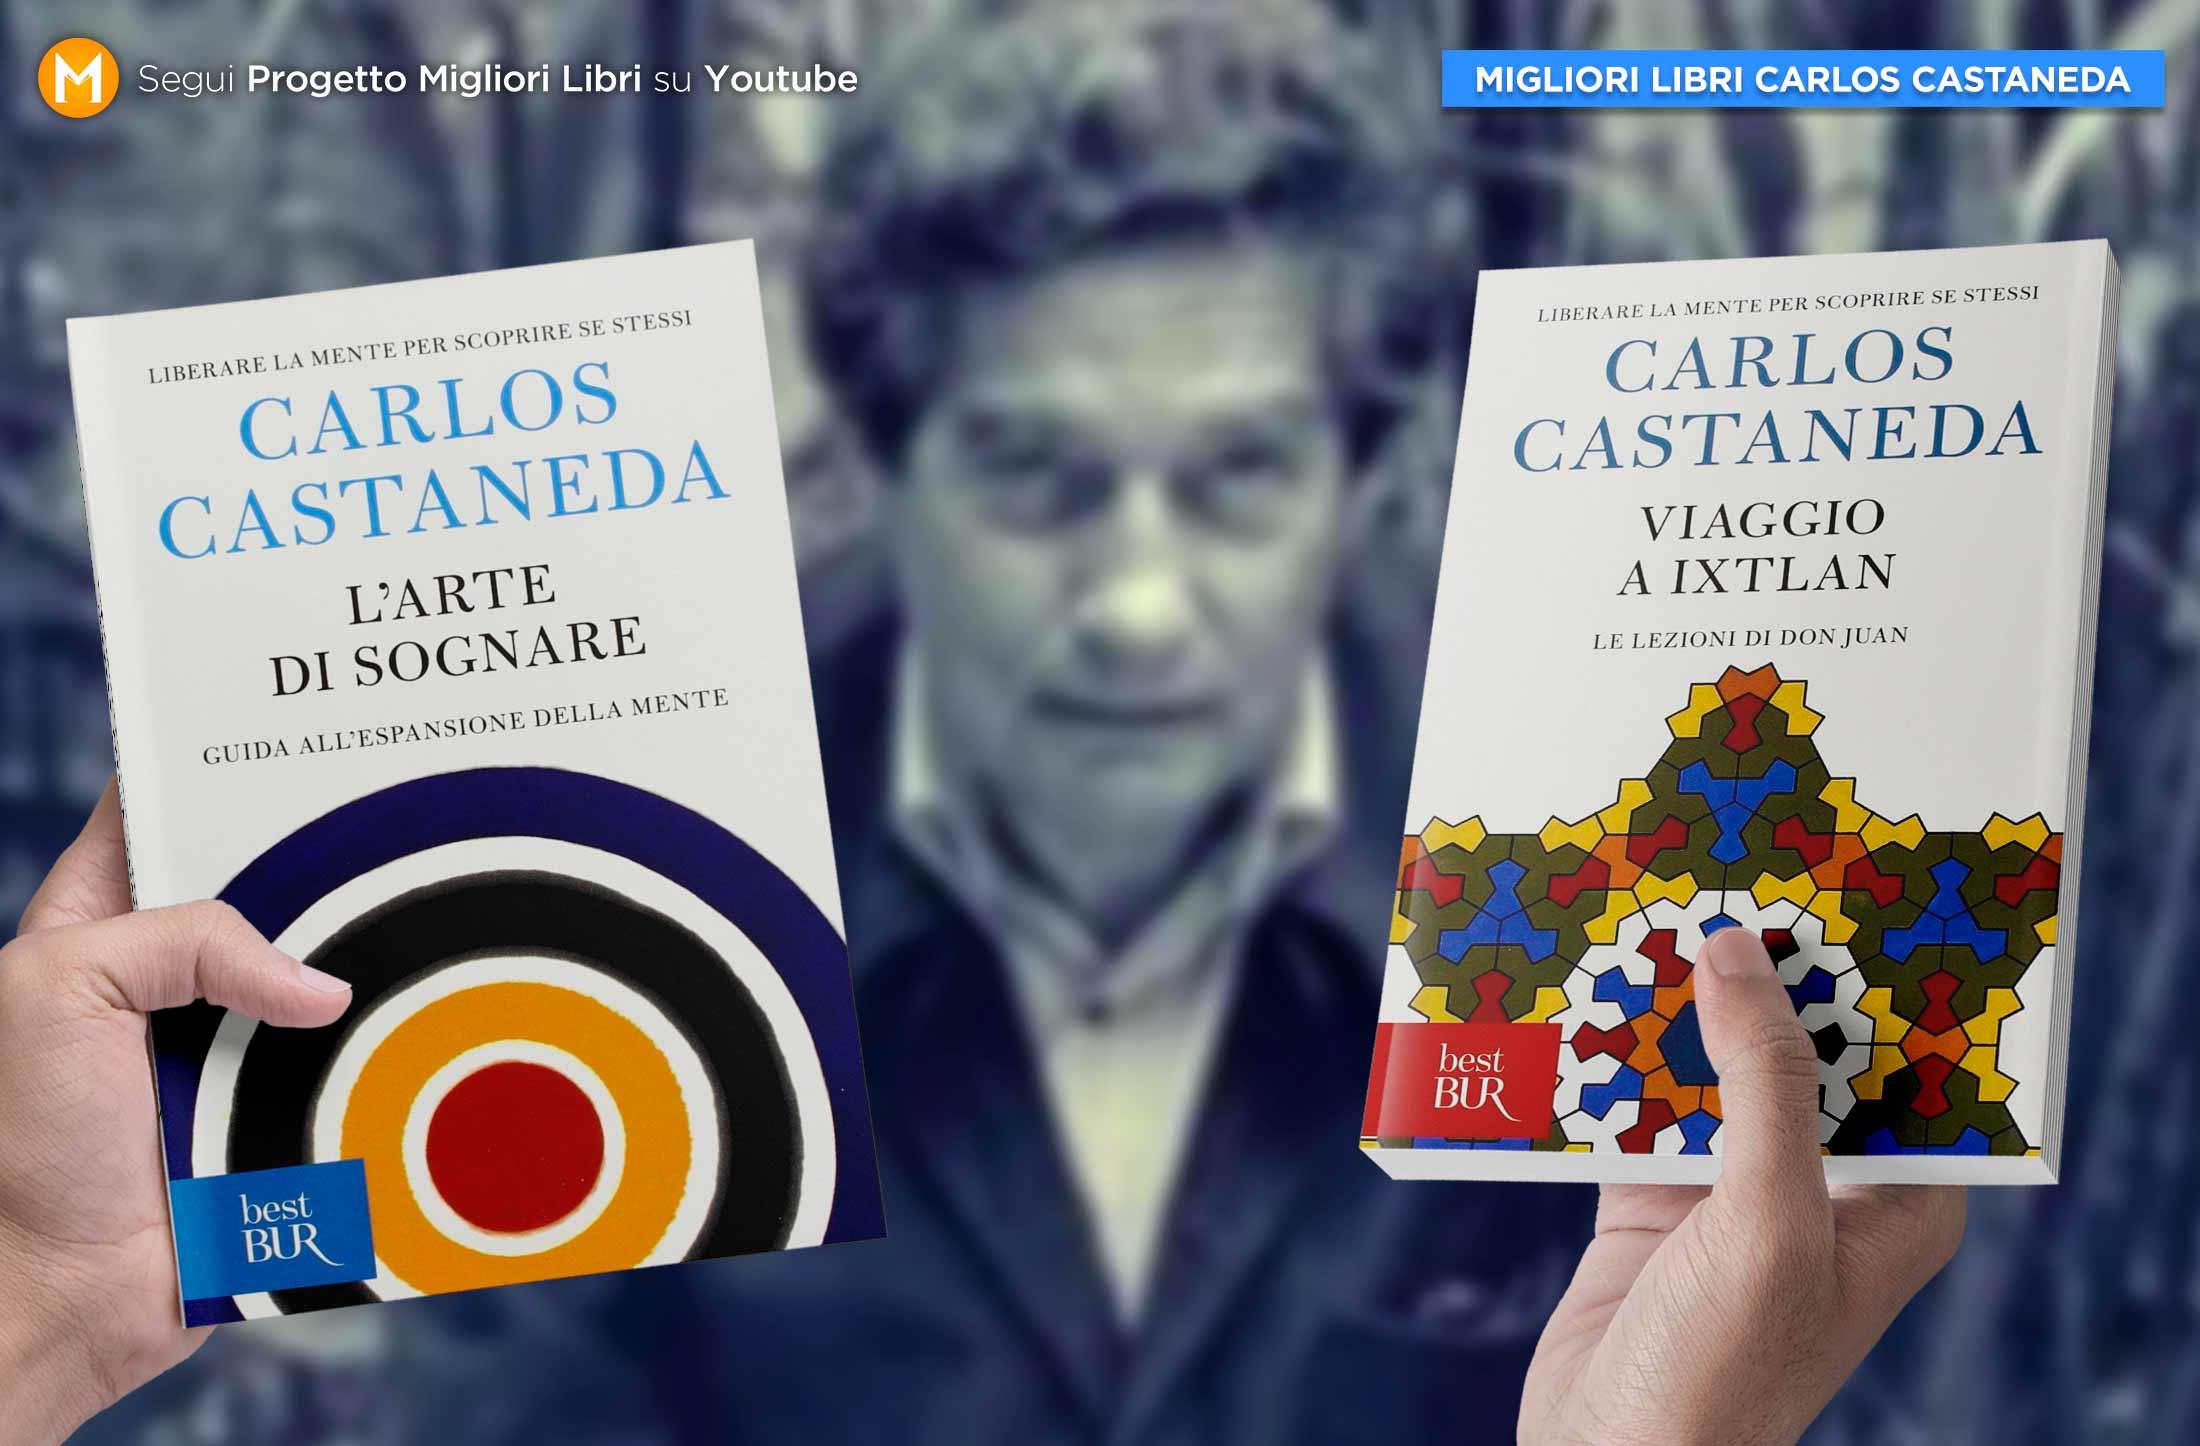 migliori-libri-carlos-castaneda